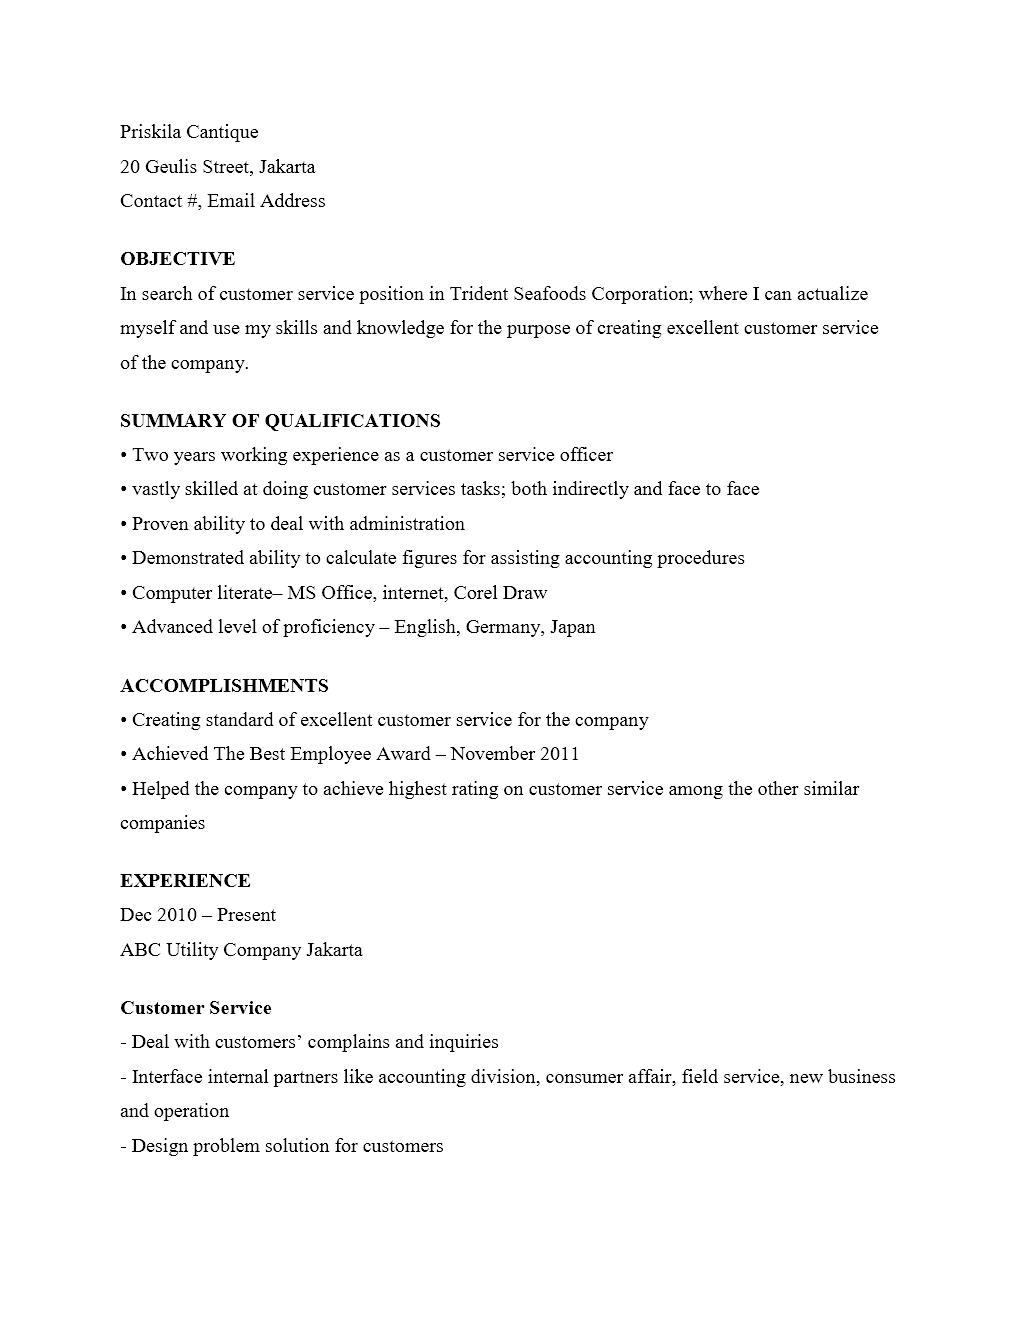 Curriculum Vitae Customer Service Yang Menarik Kumpulan Contoh Surat